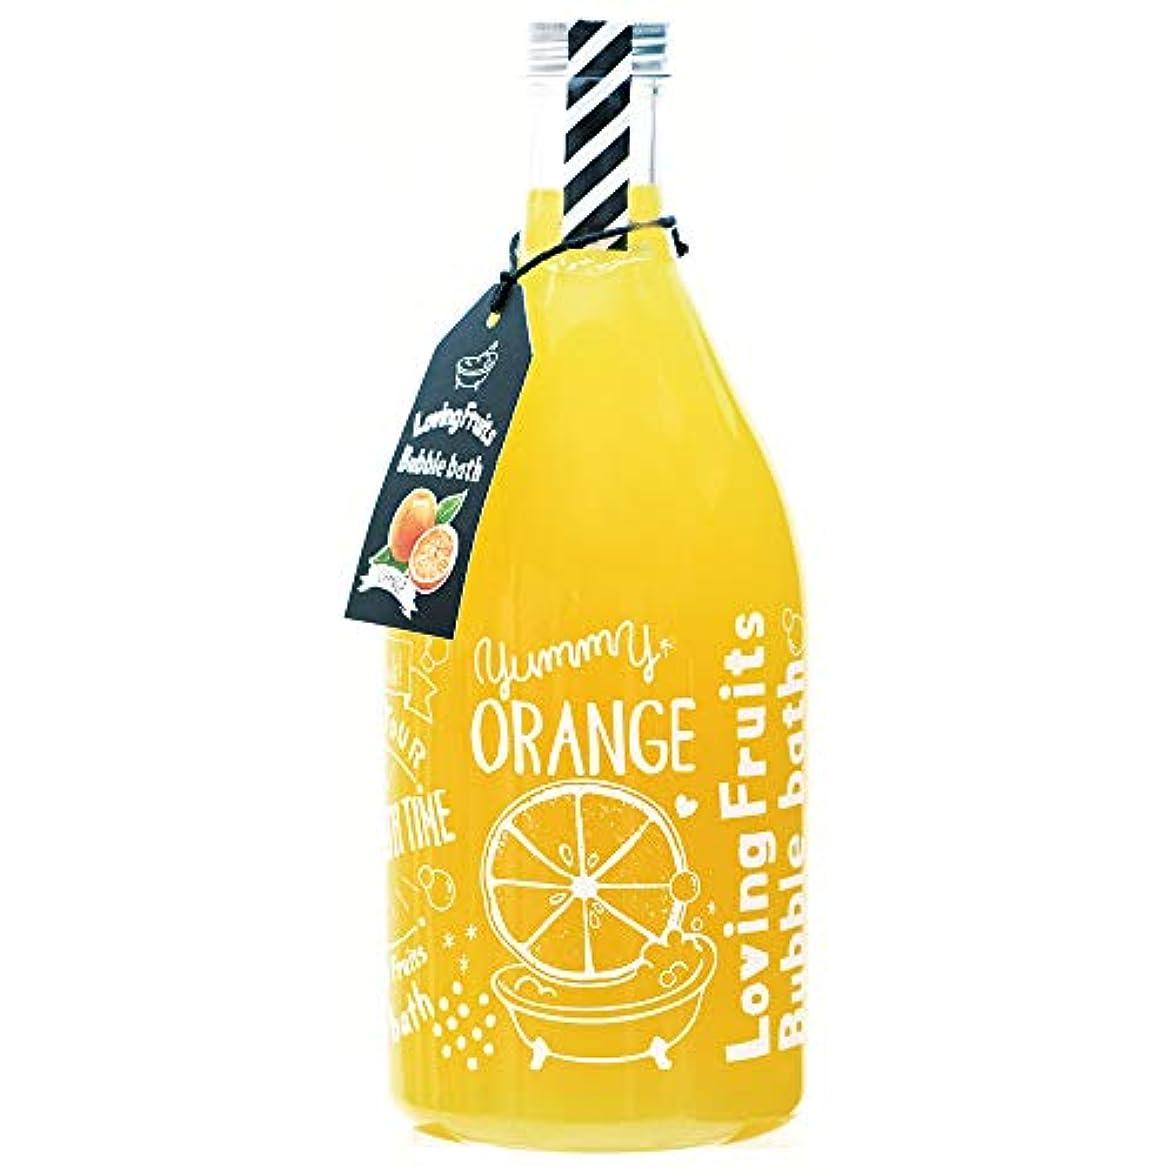 ユーザー溝成人期ノルコーポレーション バスジェル ラビングフルーツバブルバス OB-LFS-1-2 入浴剤 オレンジの香り 750ml